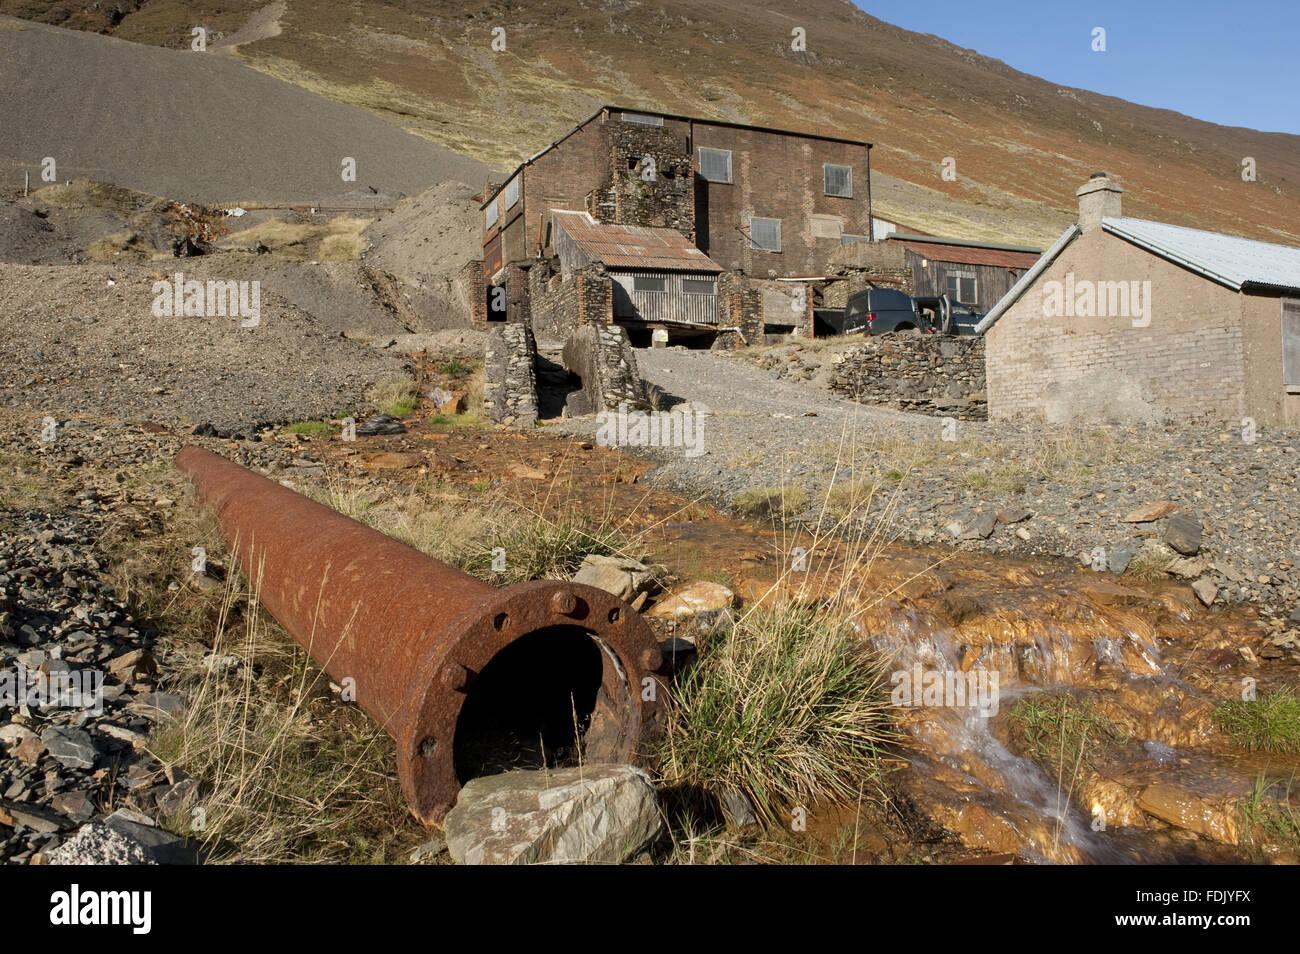 Vigueur Crag Mine, Borrowdale, Lake District, Cumbria. Crag force de travail était la dernière mine de métaux dans le district du lac jusqu'à sa fermeture en 1991, le tri de plomb, de zinc et de barytine du rocher. Il s'agit d'un service ancien monument et une SSSI. Banque D'Images